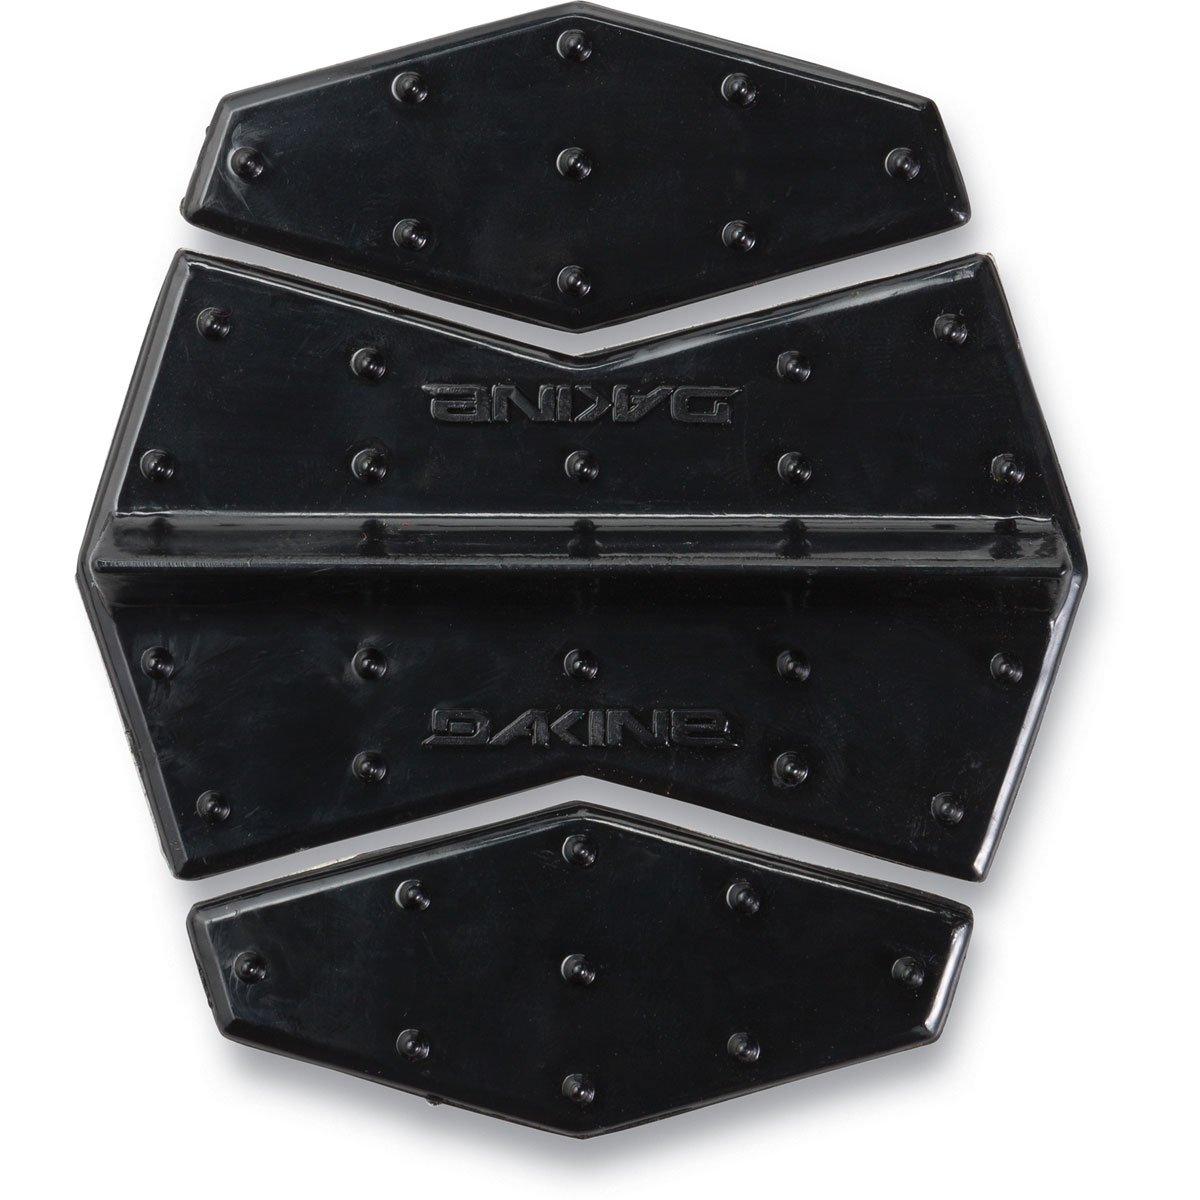 2019/20 Dakine Modular Mat